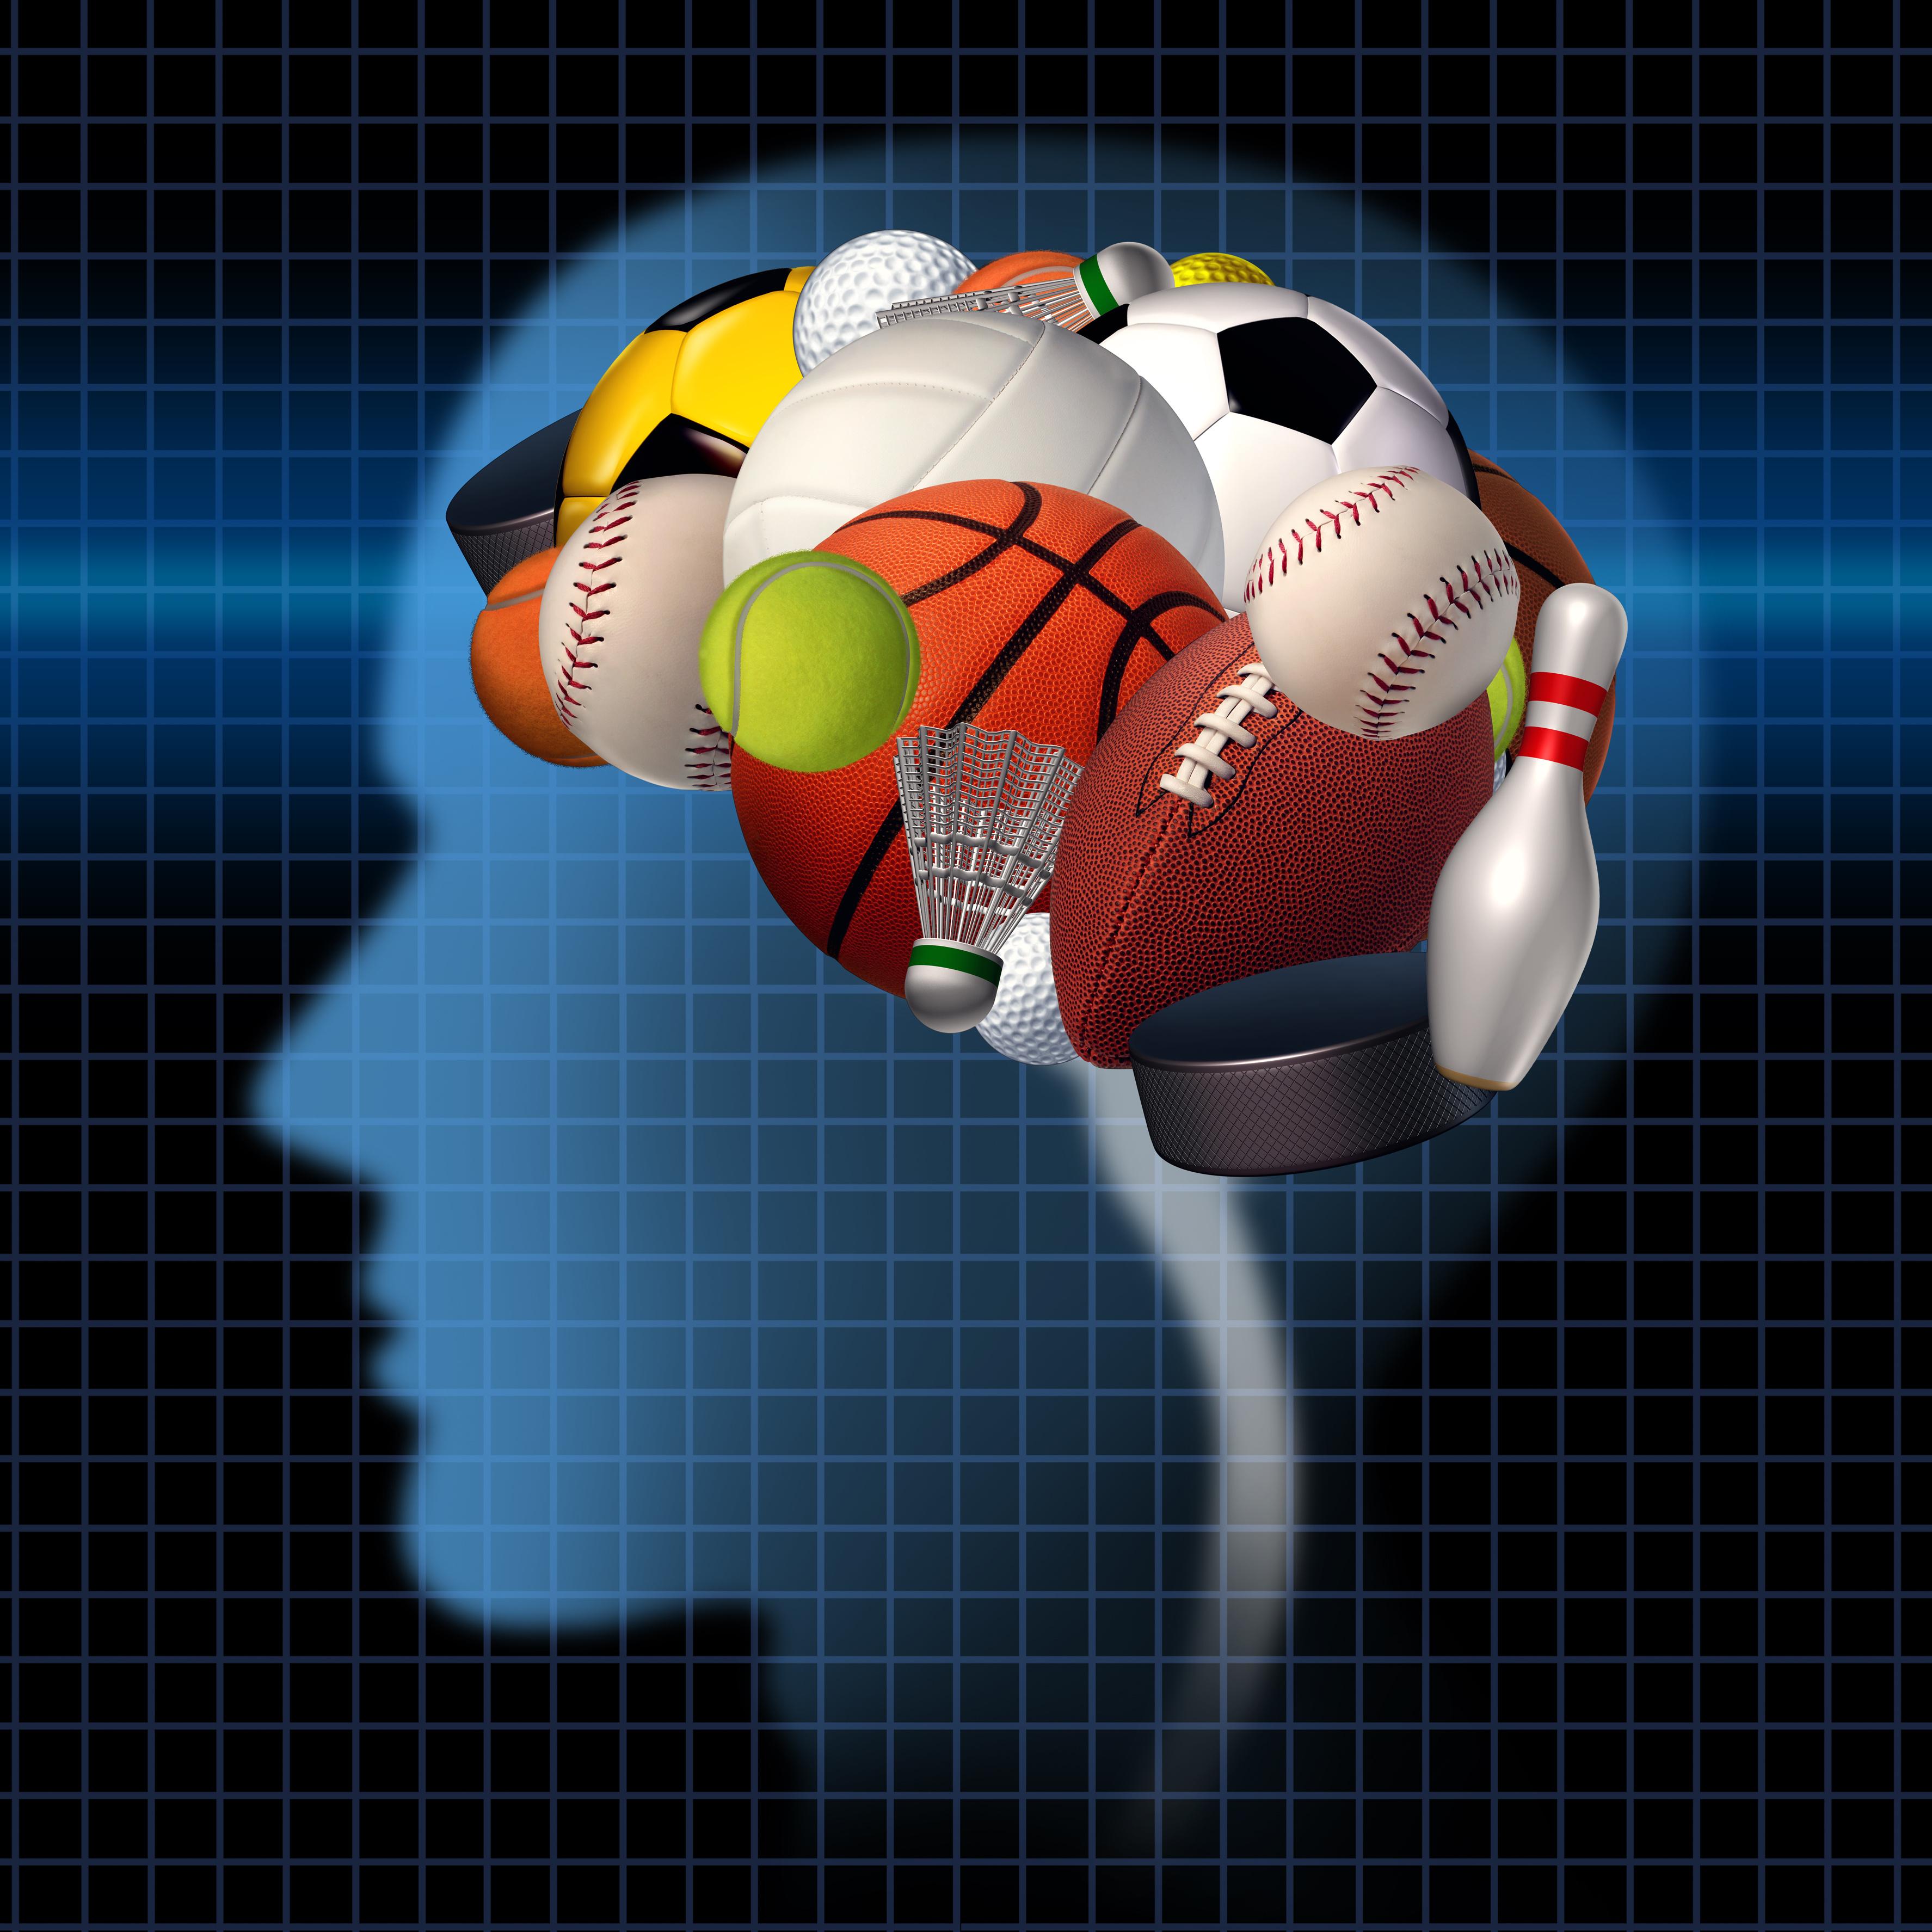 Sport psychology online psychology degree guide - Interior design psychology degree ...